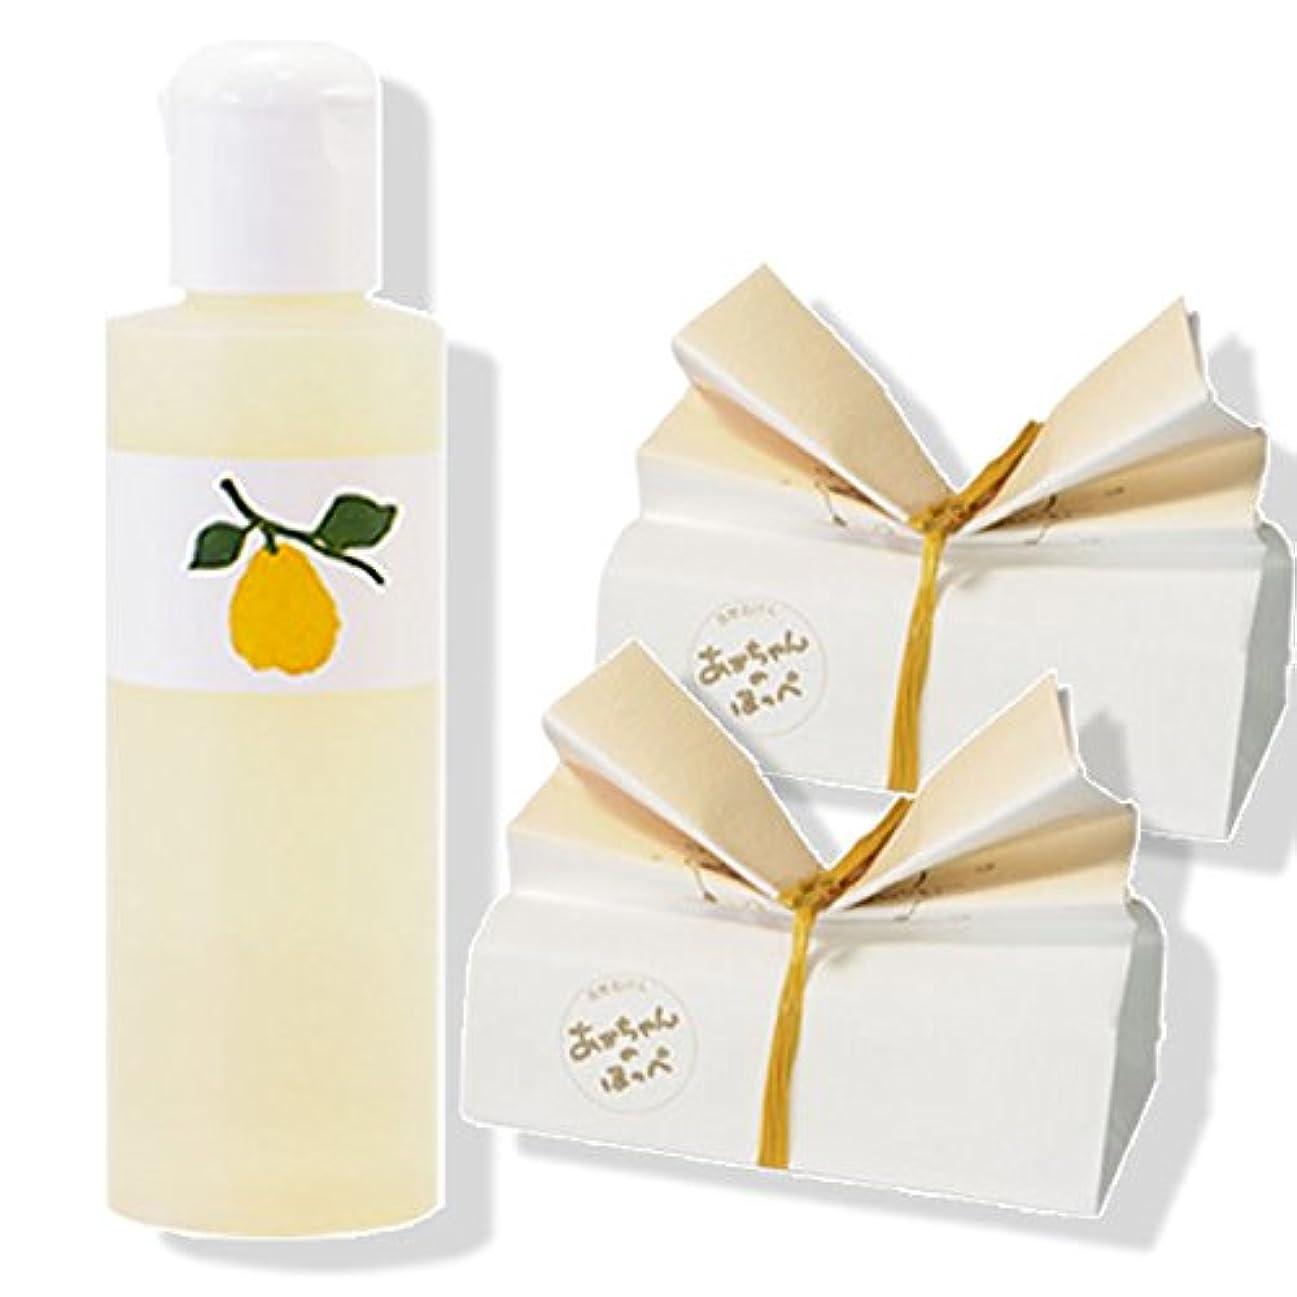 モデレータマディソンチチカカ湖「花梨の化粧水」1本 & 「あかちゃんのほっぺ」石鹸 2個セット